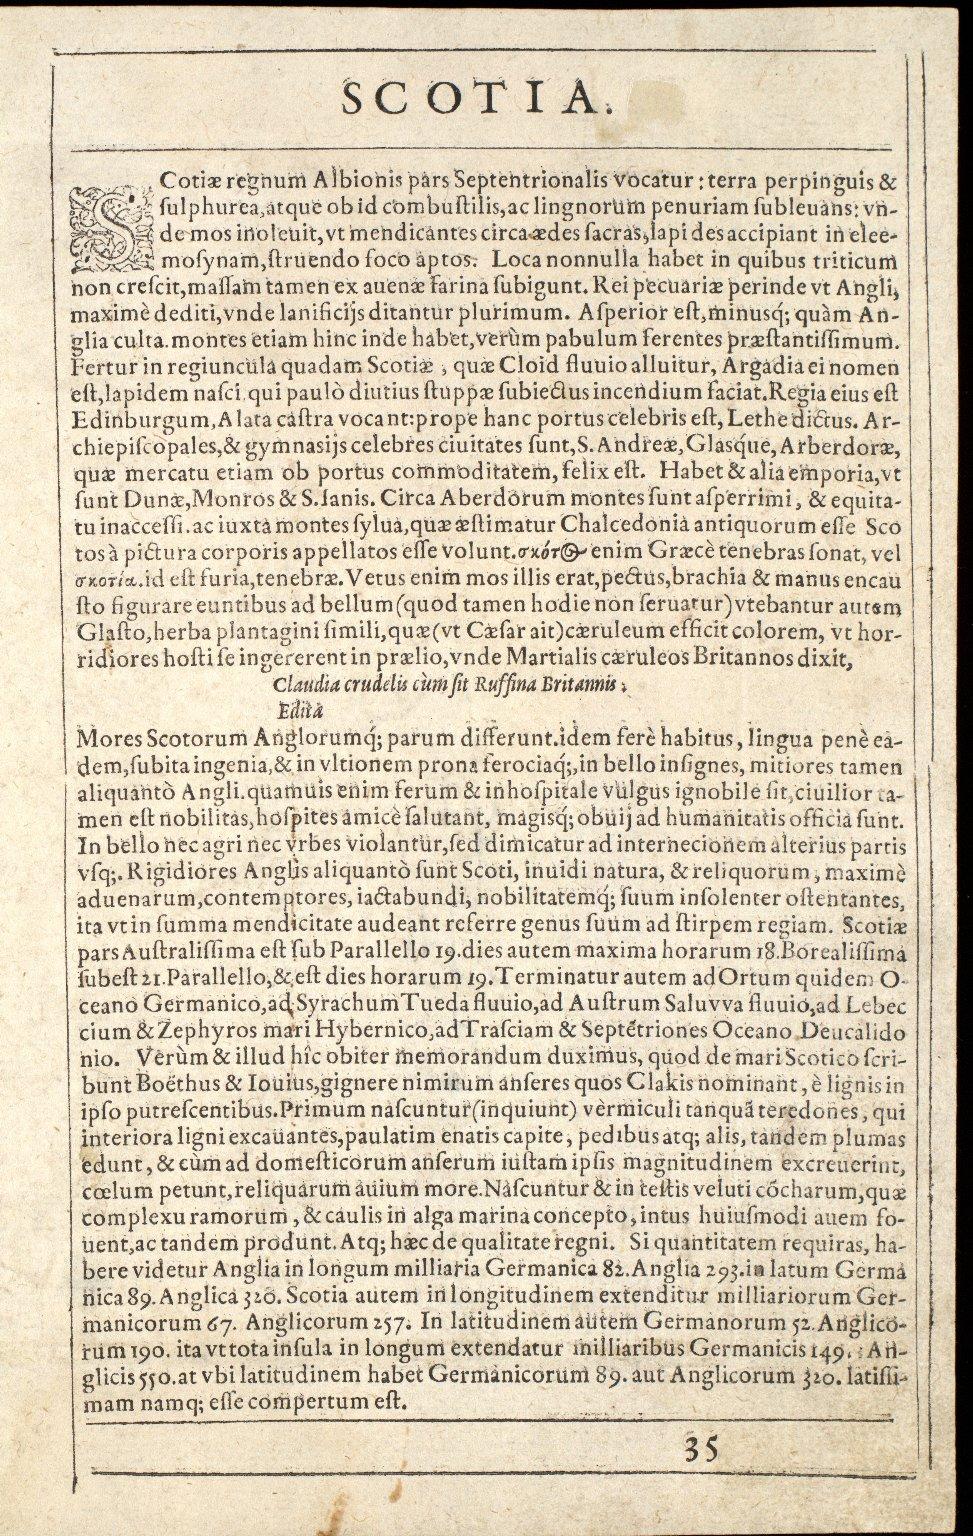 Scotiae Tabula [2 of 2]